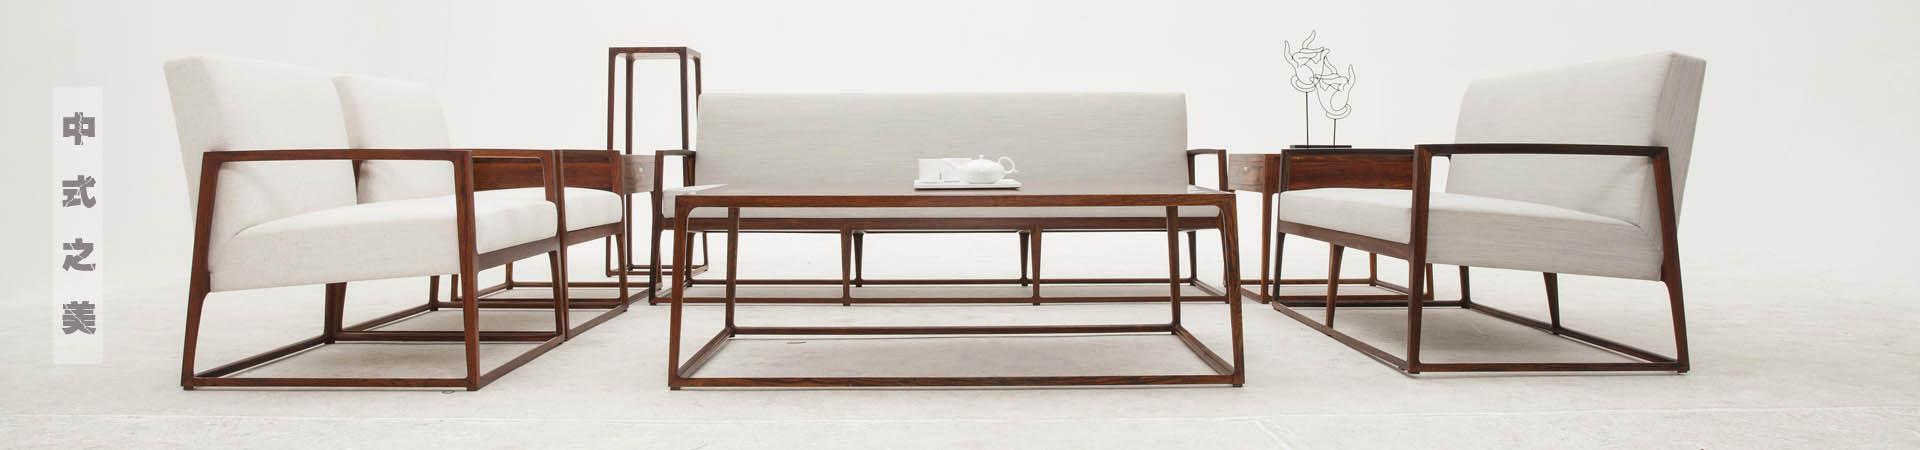 简洁大气的中式家具,传统之美